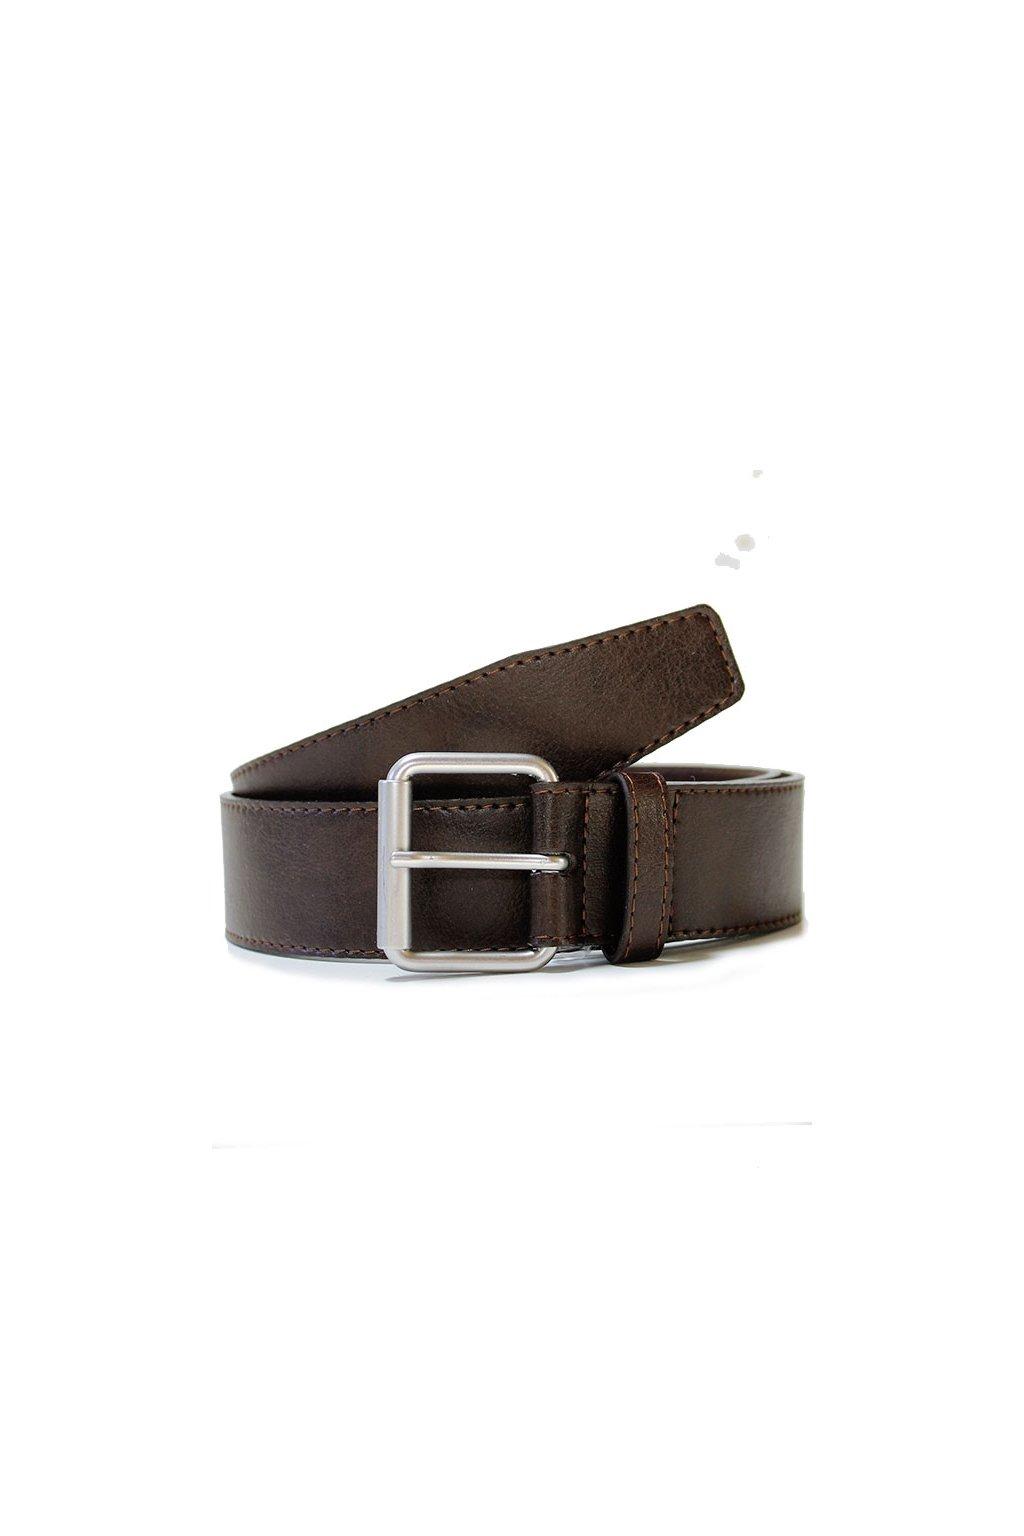 """Tmavohnedý opasok 4 cm """"Jeans Belt Dark Brown"""""""